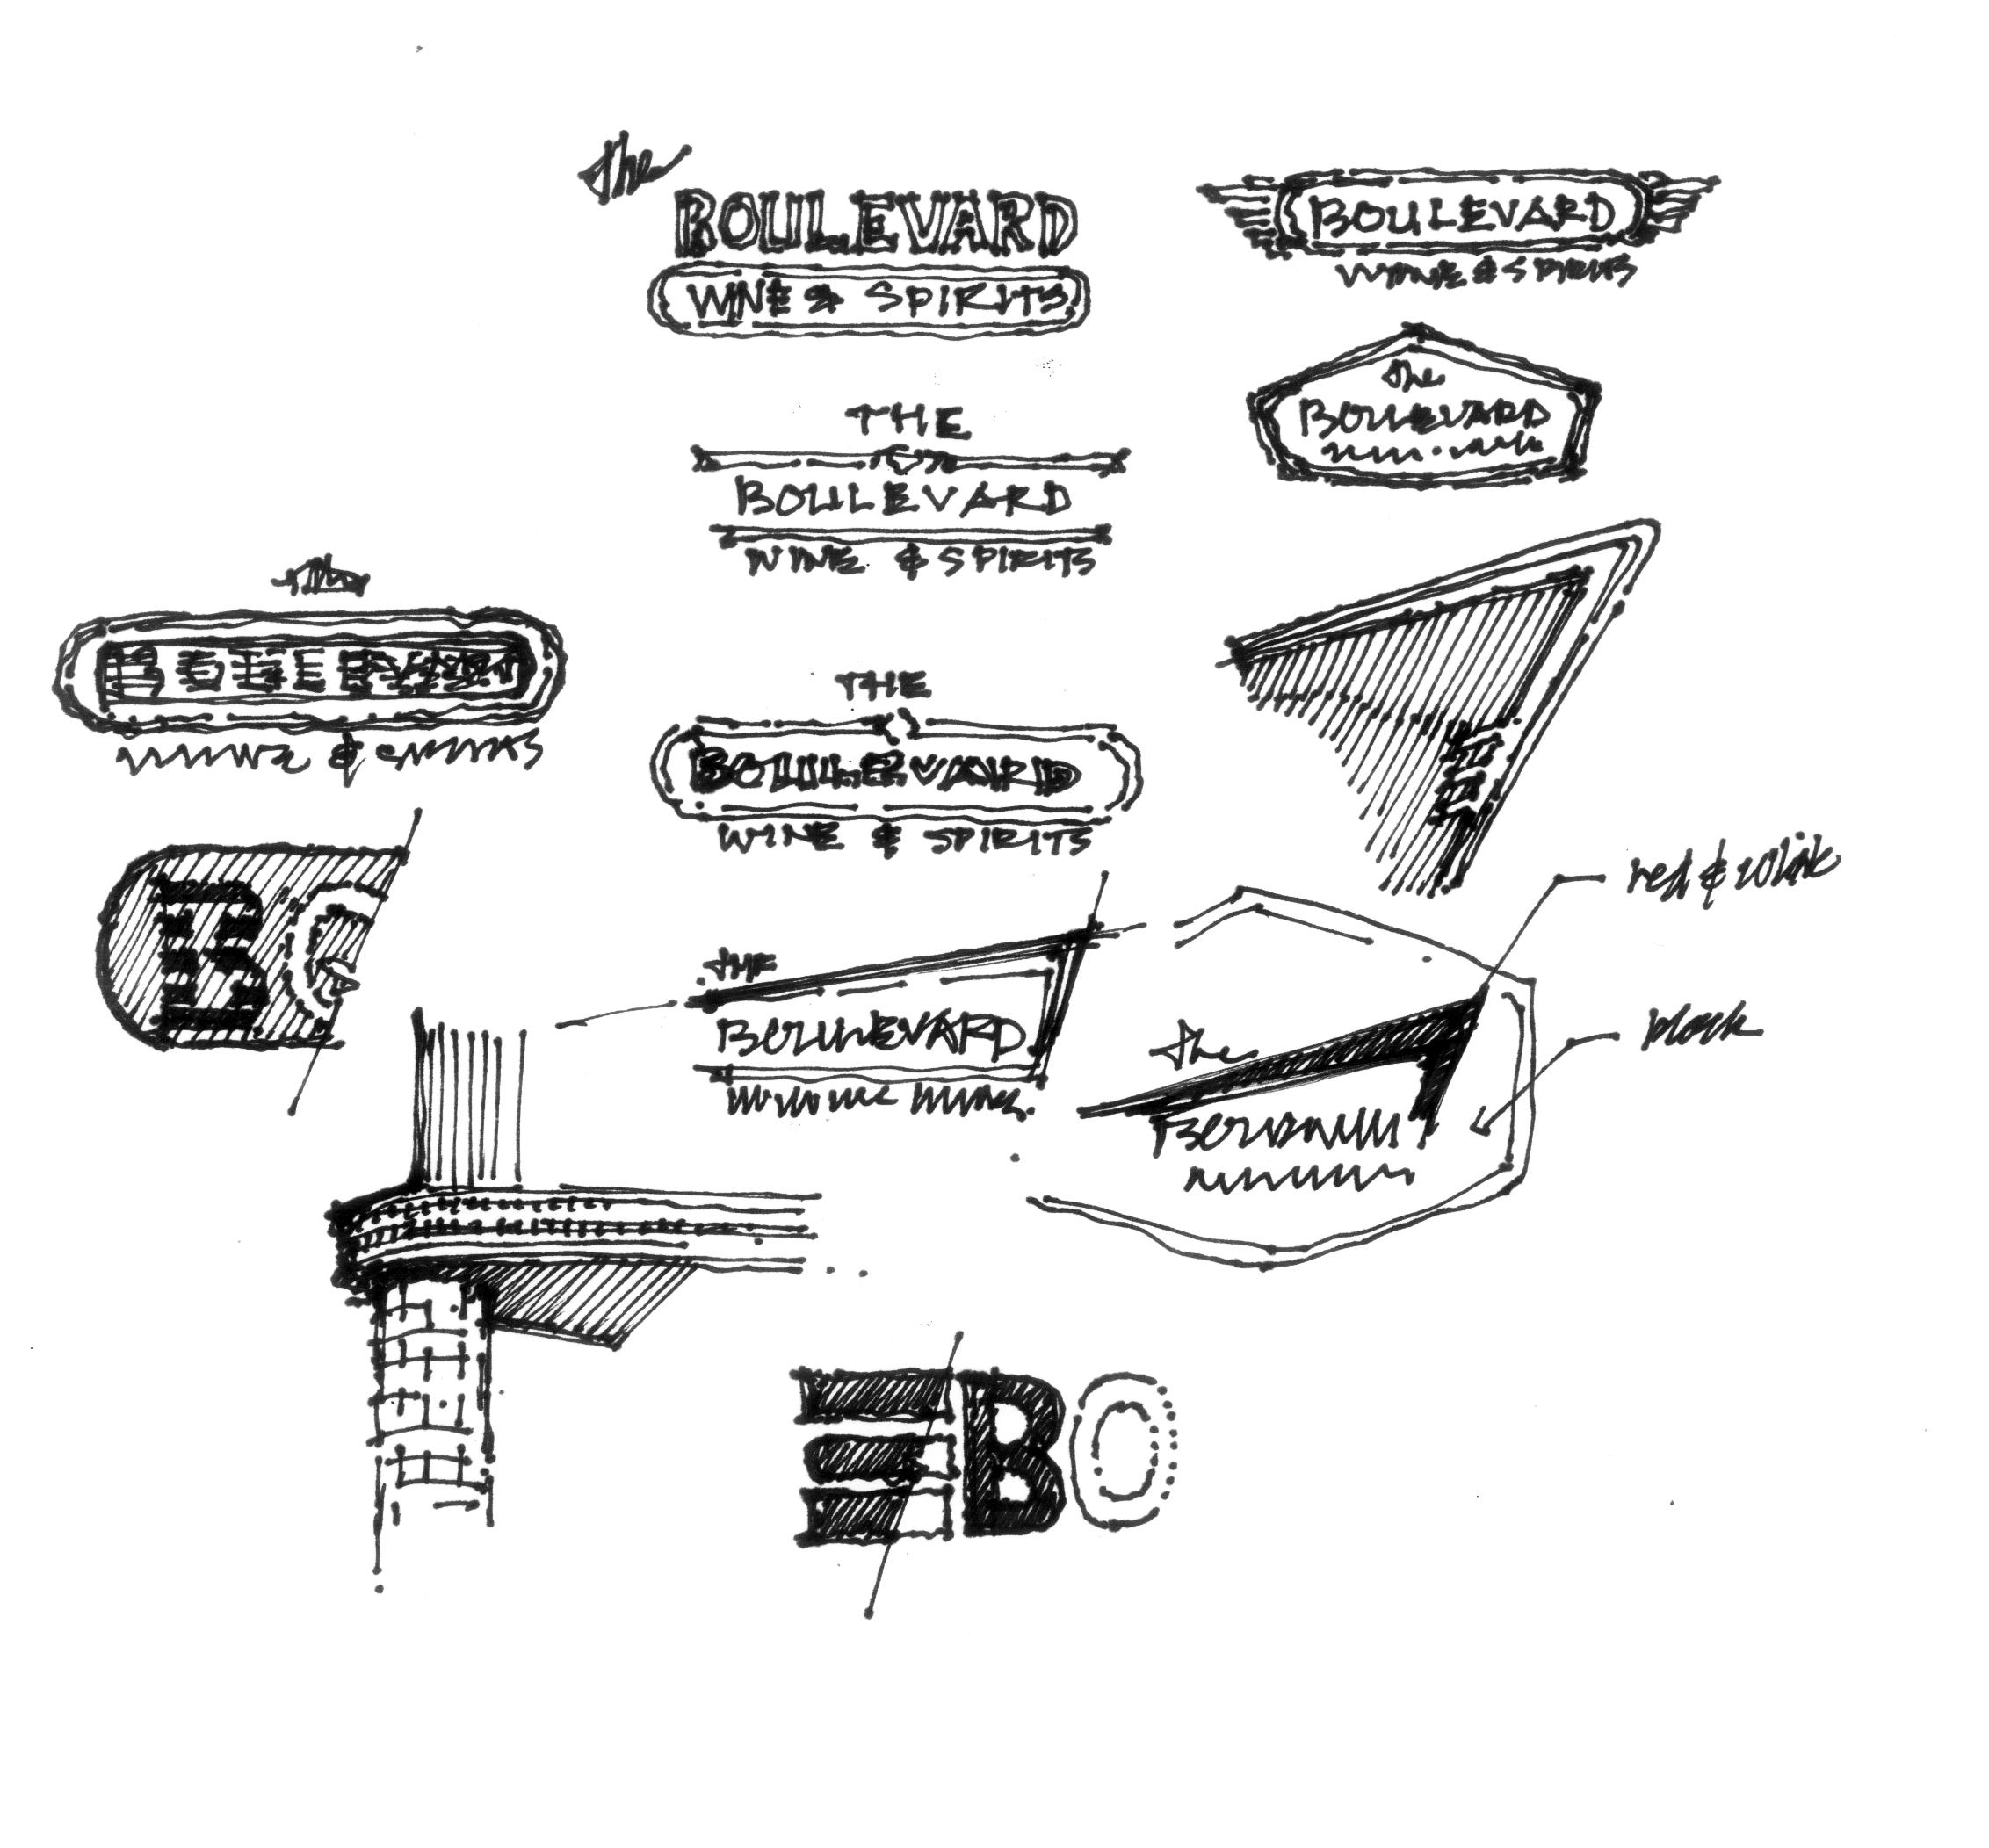 Boulevard_sketch-4.jpg